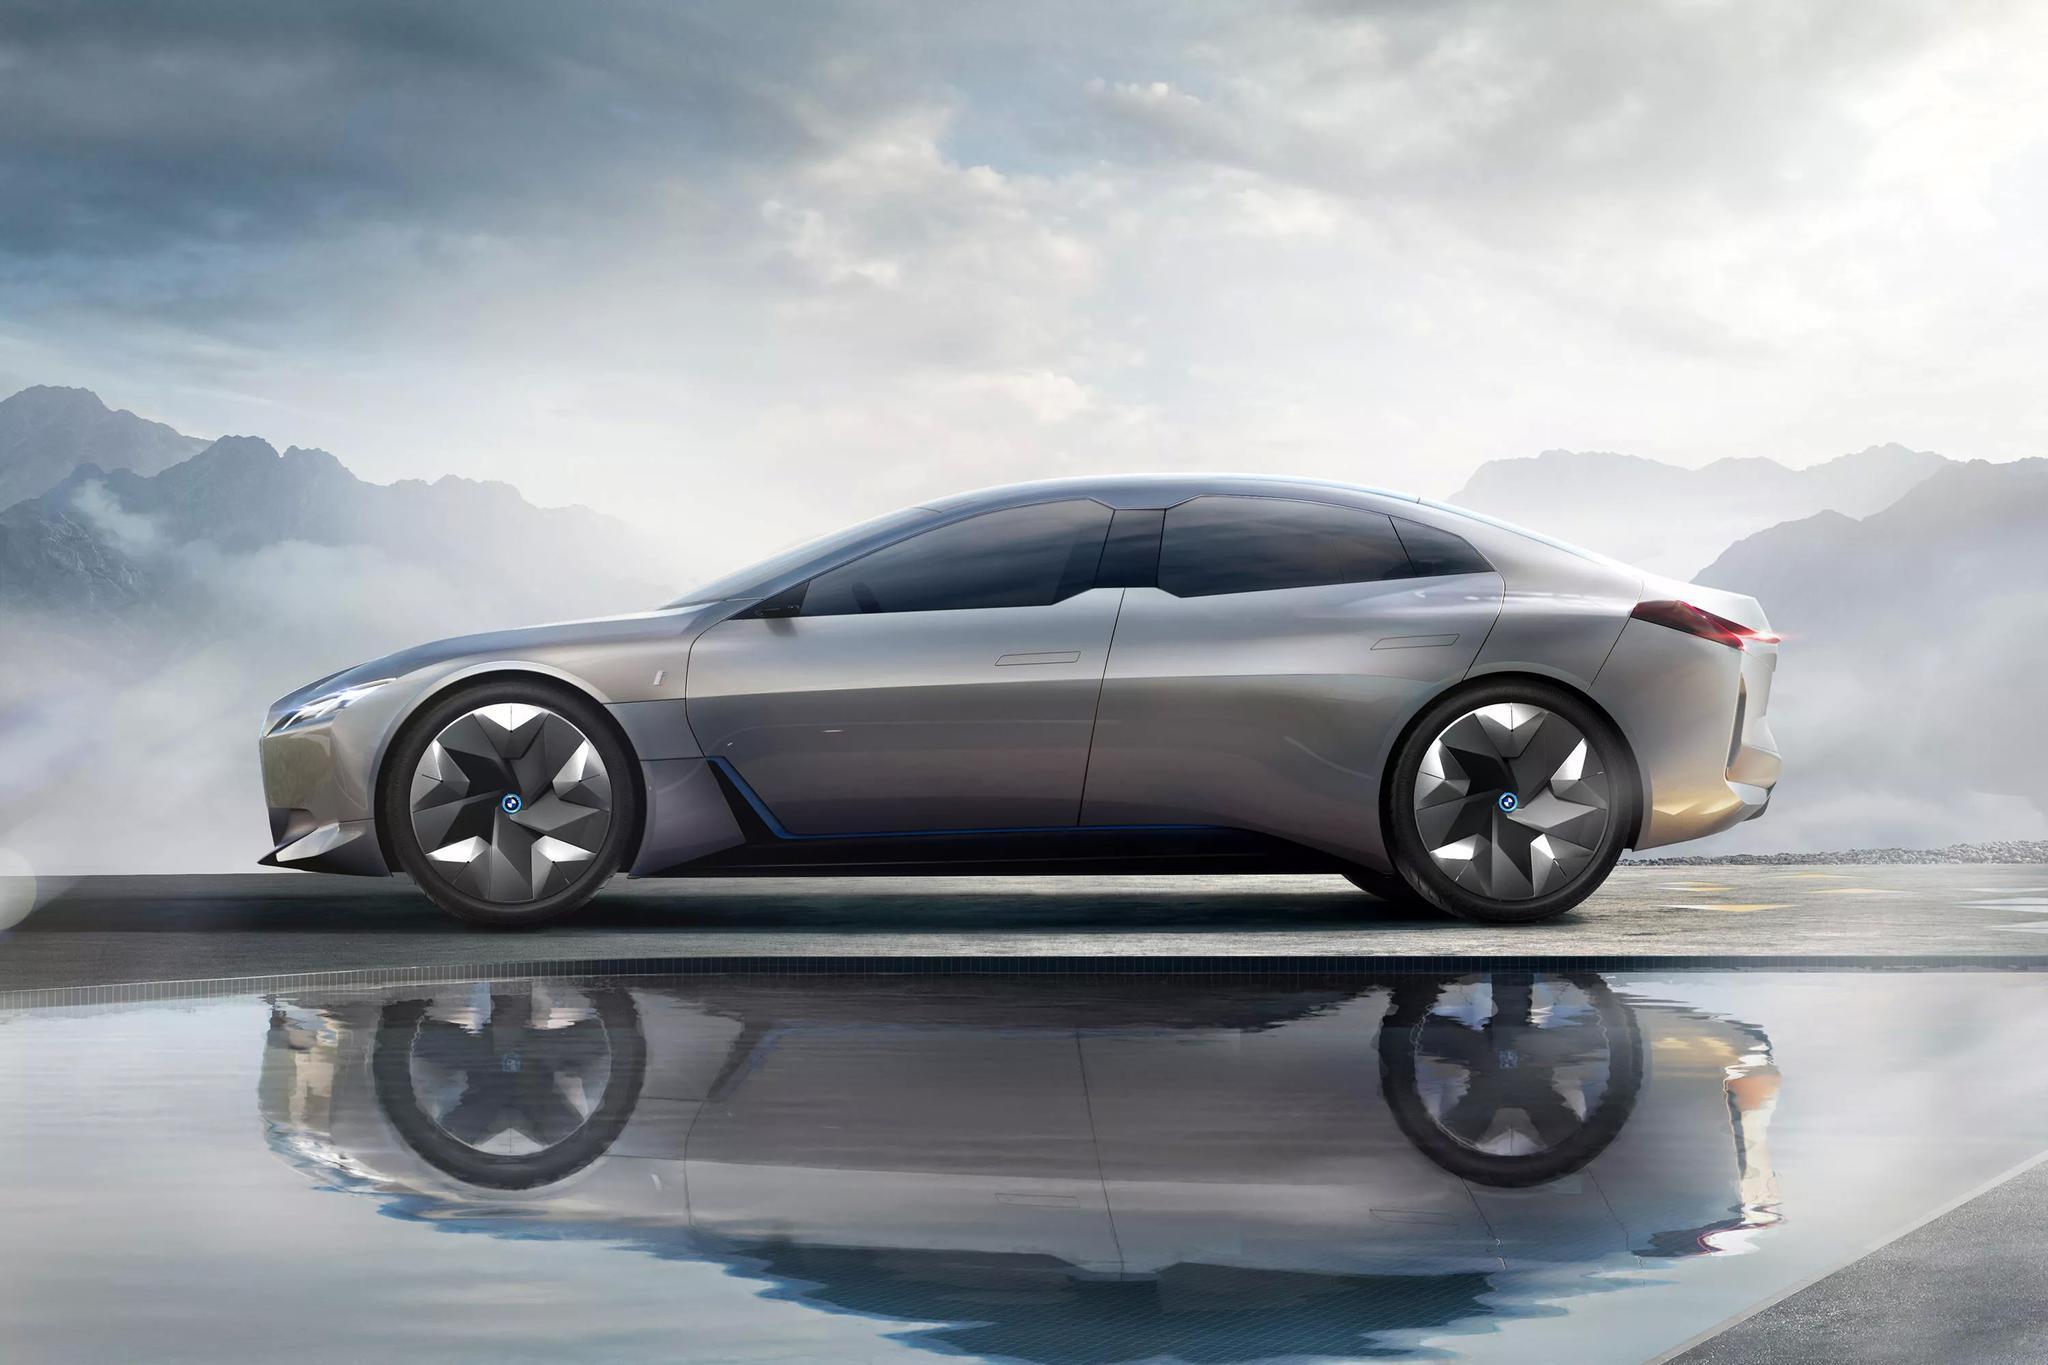 宝马i4的野心:2021年让Model 3和Polestar 2难堪